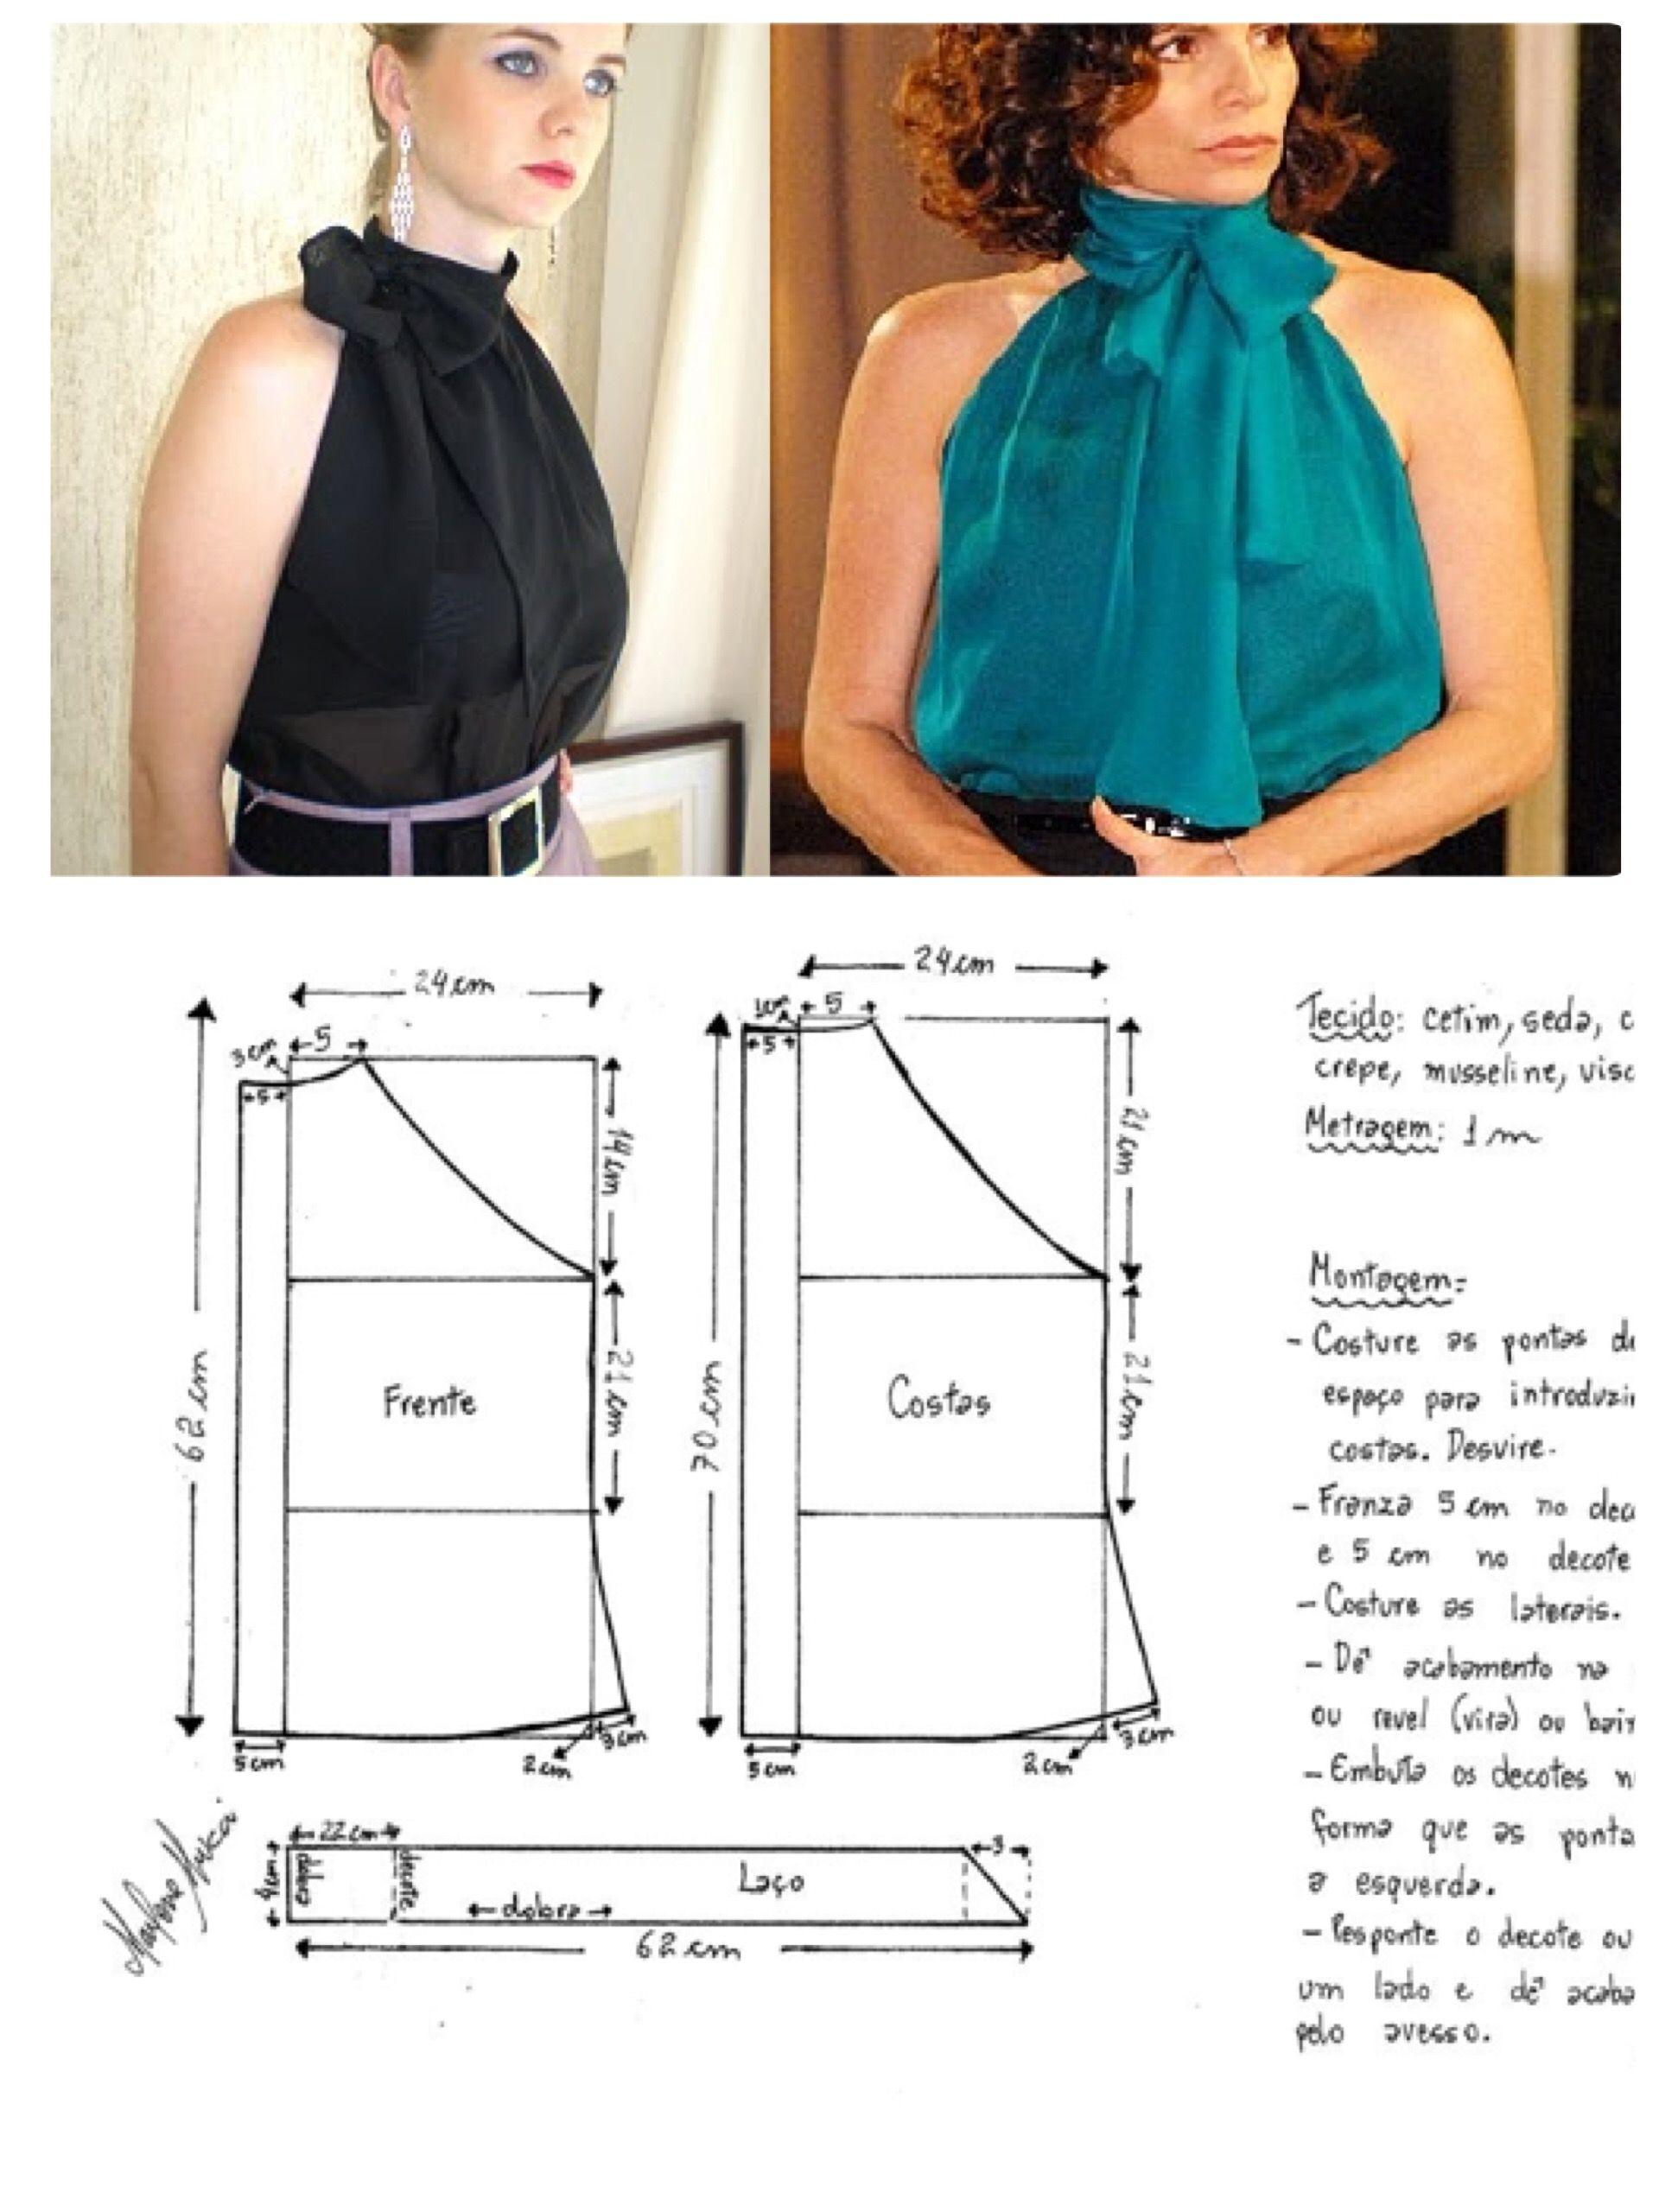 costura | Moldes de ropa | Pinterest | Costura, Patrones de costura ...